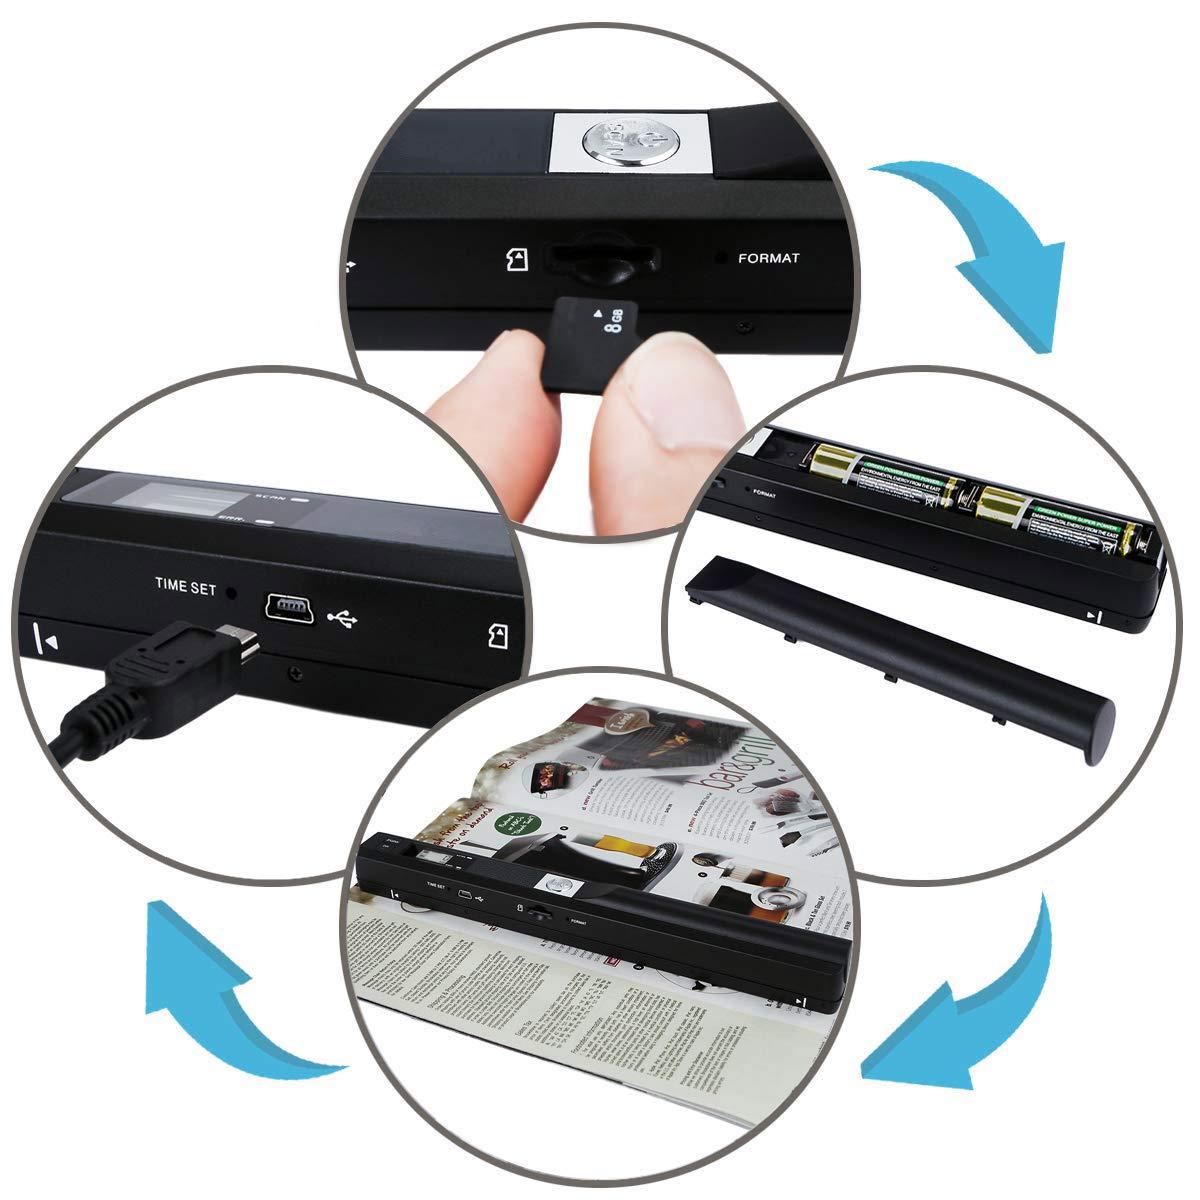 Farbfotobetrachter Enth/ält eine 16G-Speicherkarte EJOYDUTY Micro SD Card Handscanner JPG oder PDF Format Tragbarer Bildscanner mit Einer Aufl/ösung von 900 DPI f/ür Dokumente